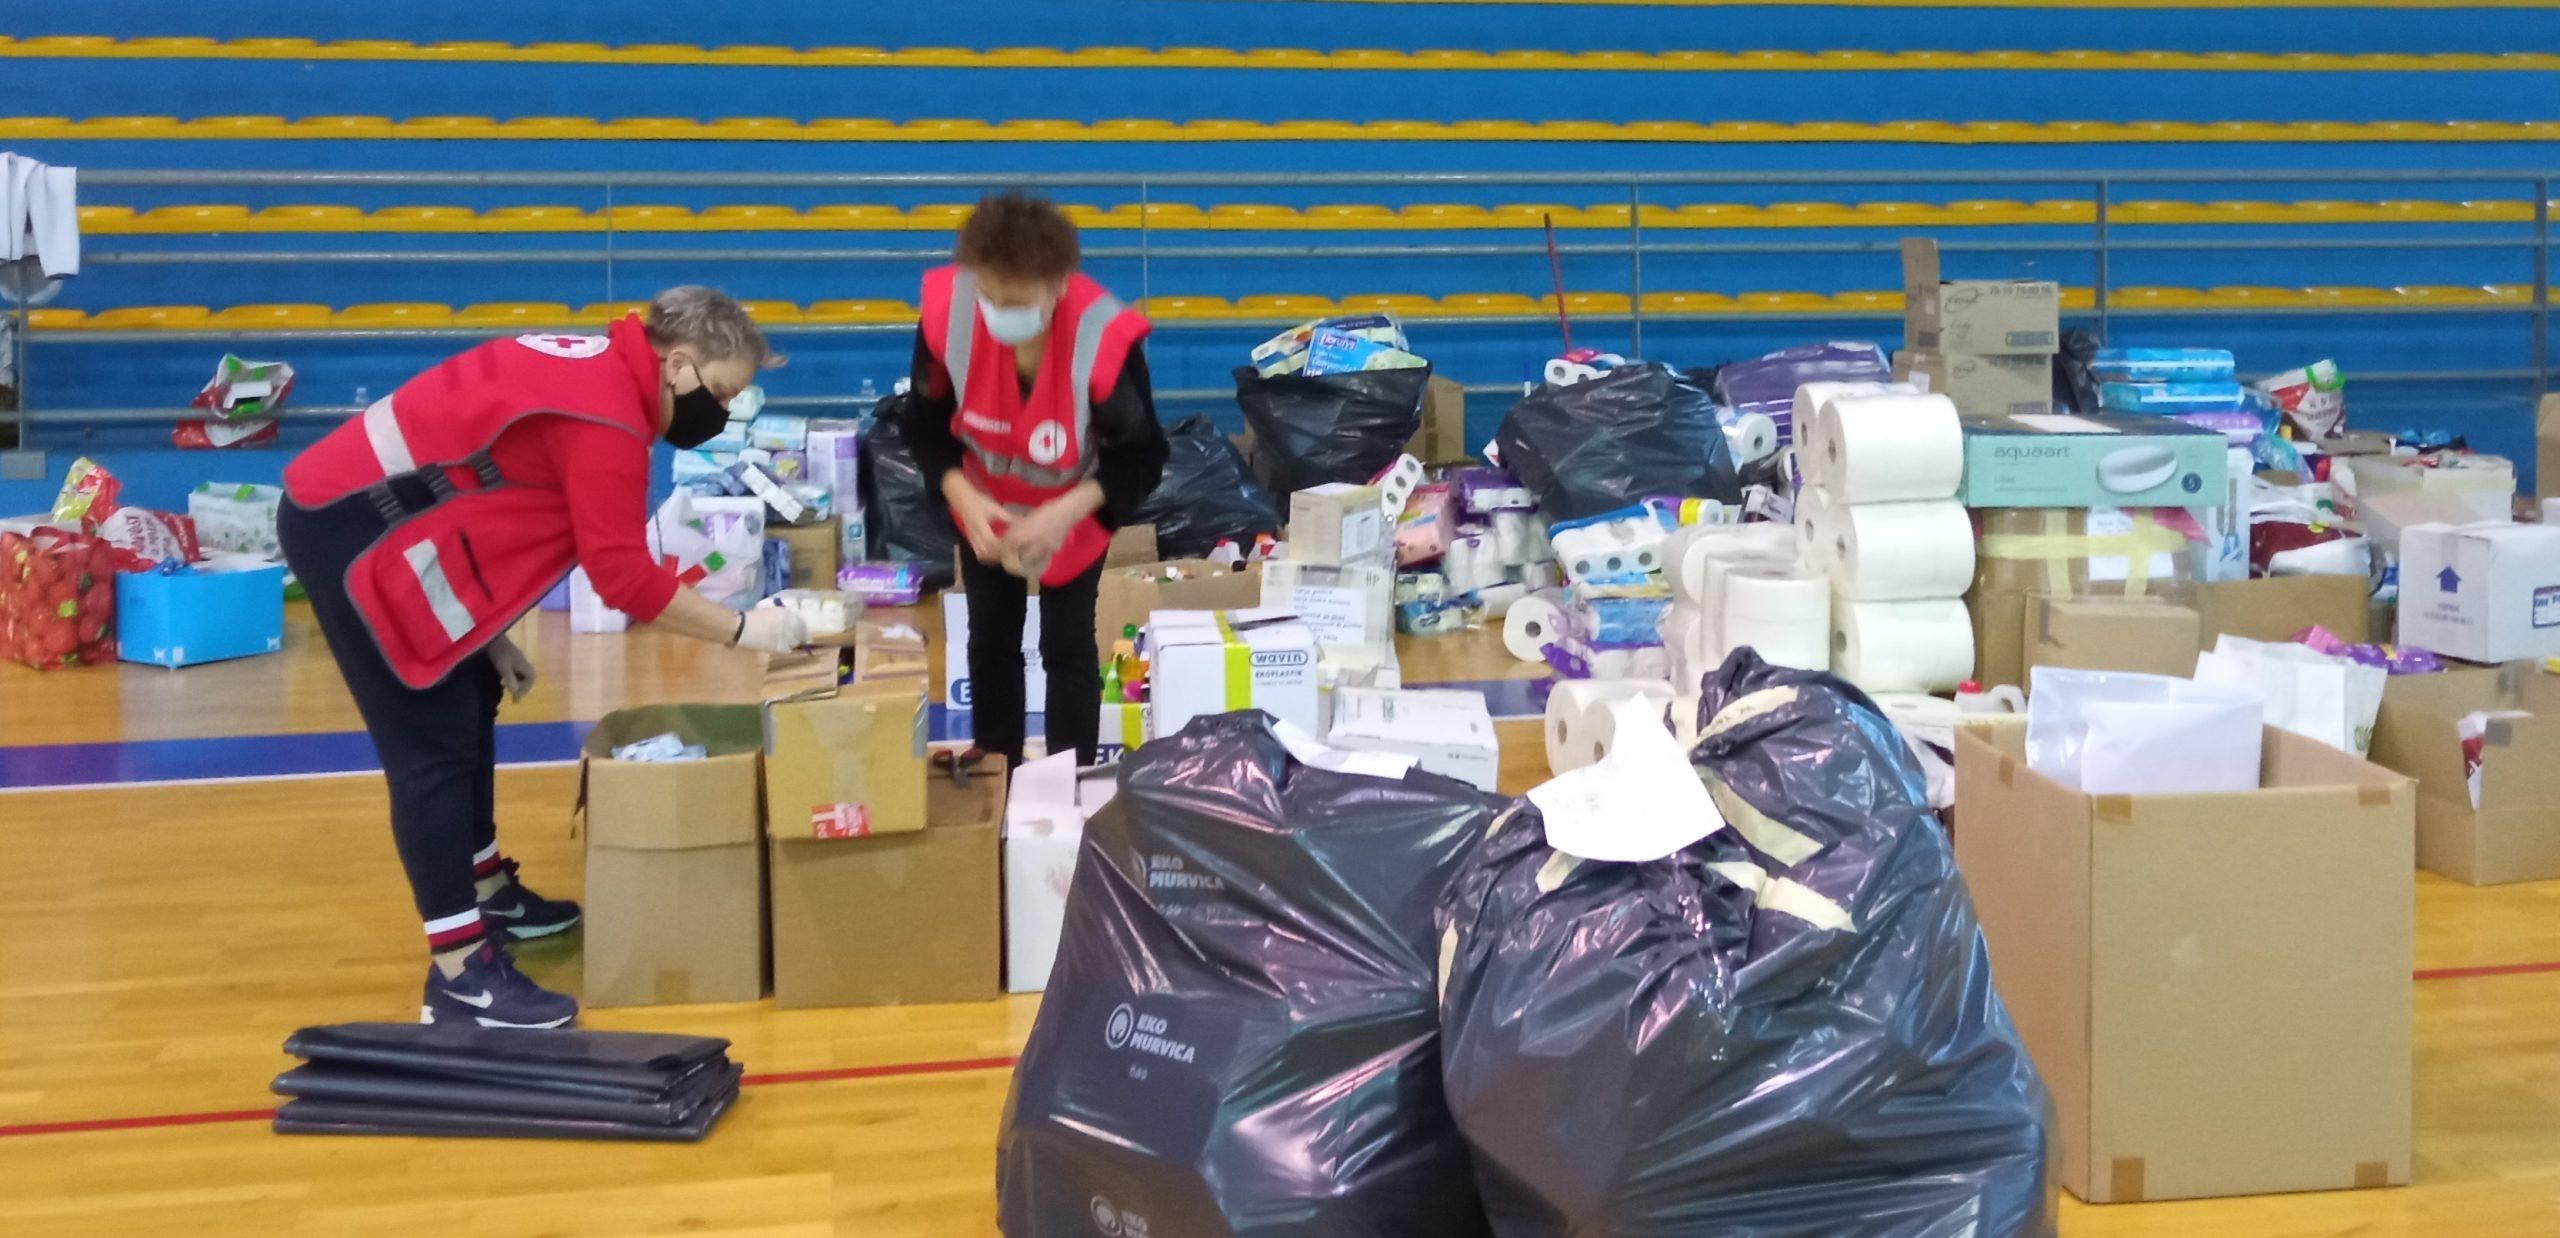 Središnje mjesto prikupljanja pomoći postala je Gradska sportska dvorana u Crikvenici / Foto : GDCK CRIKVENICA